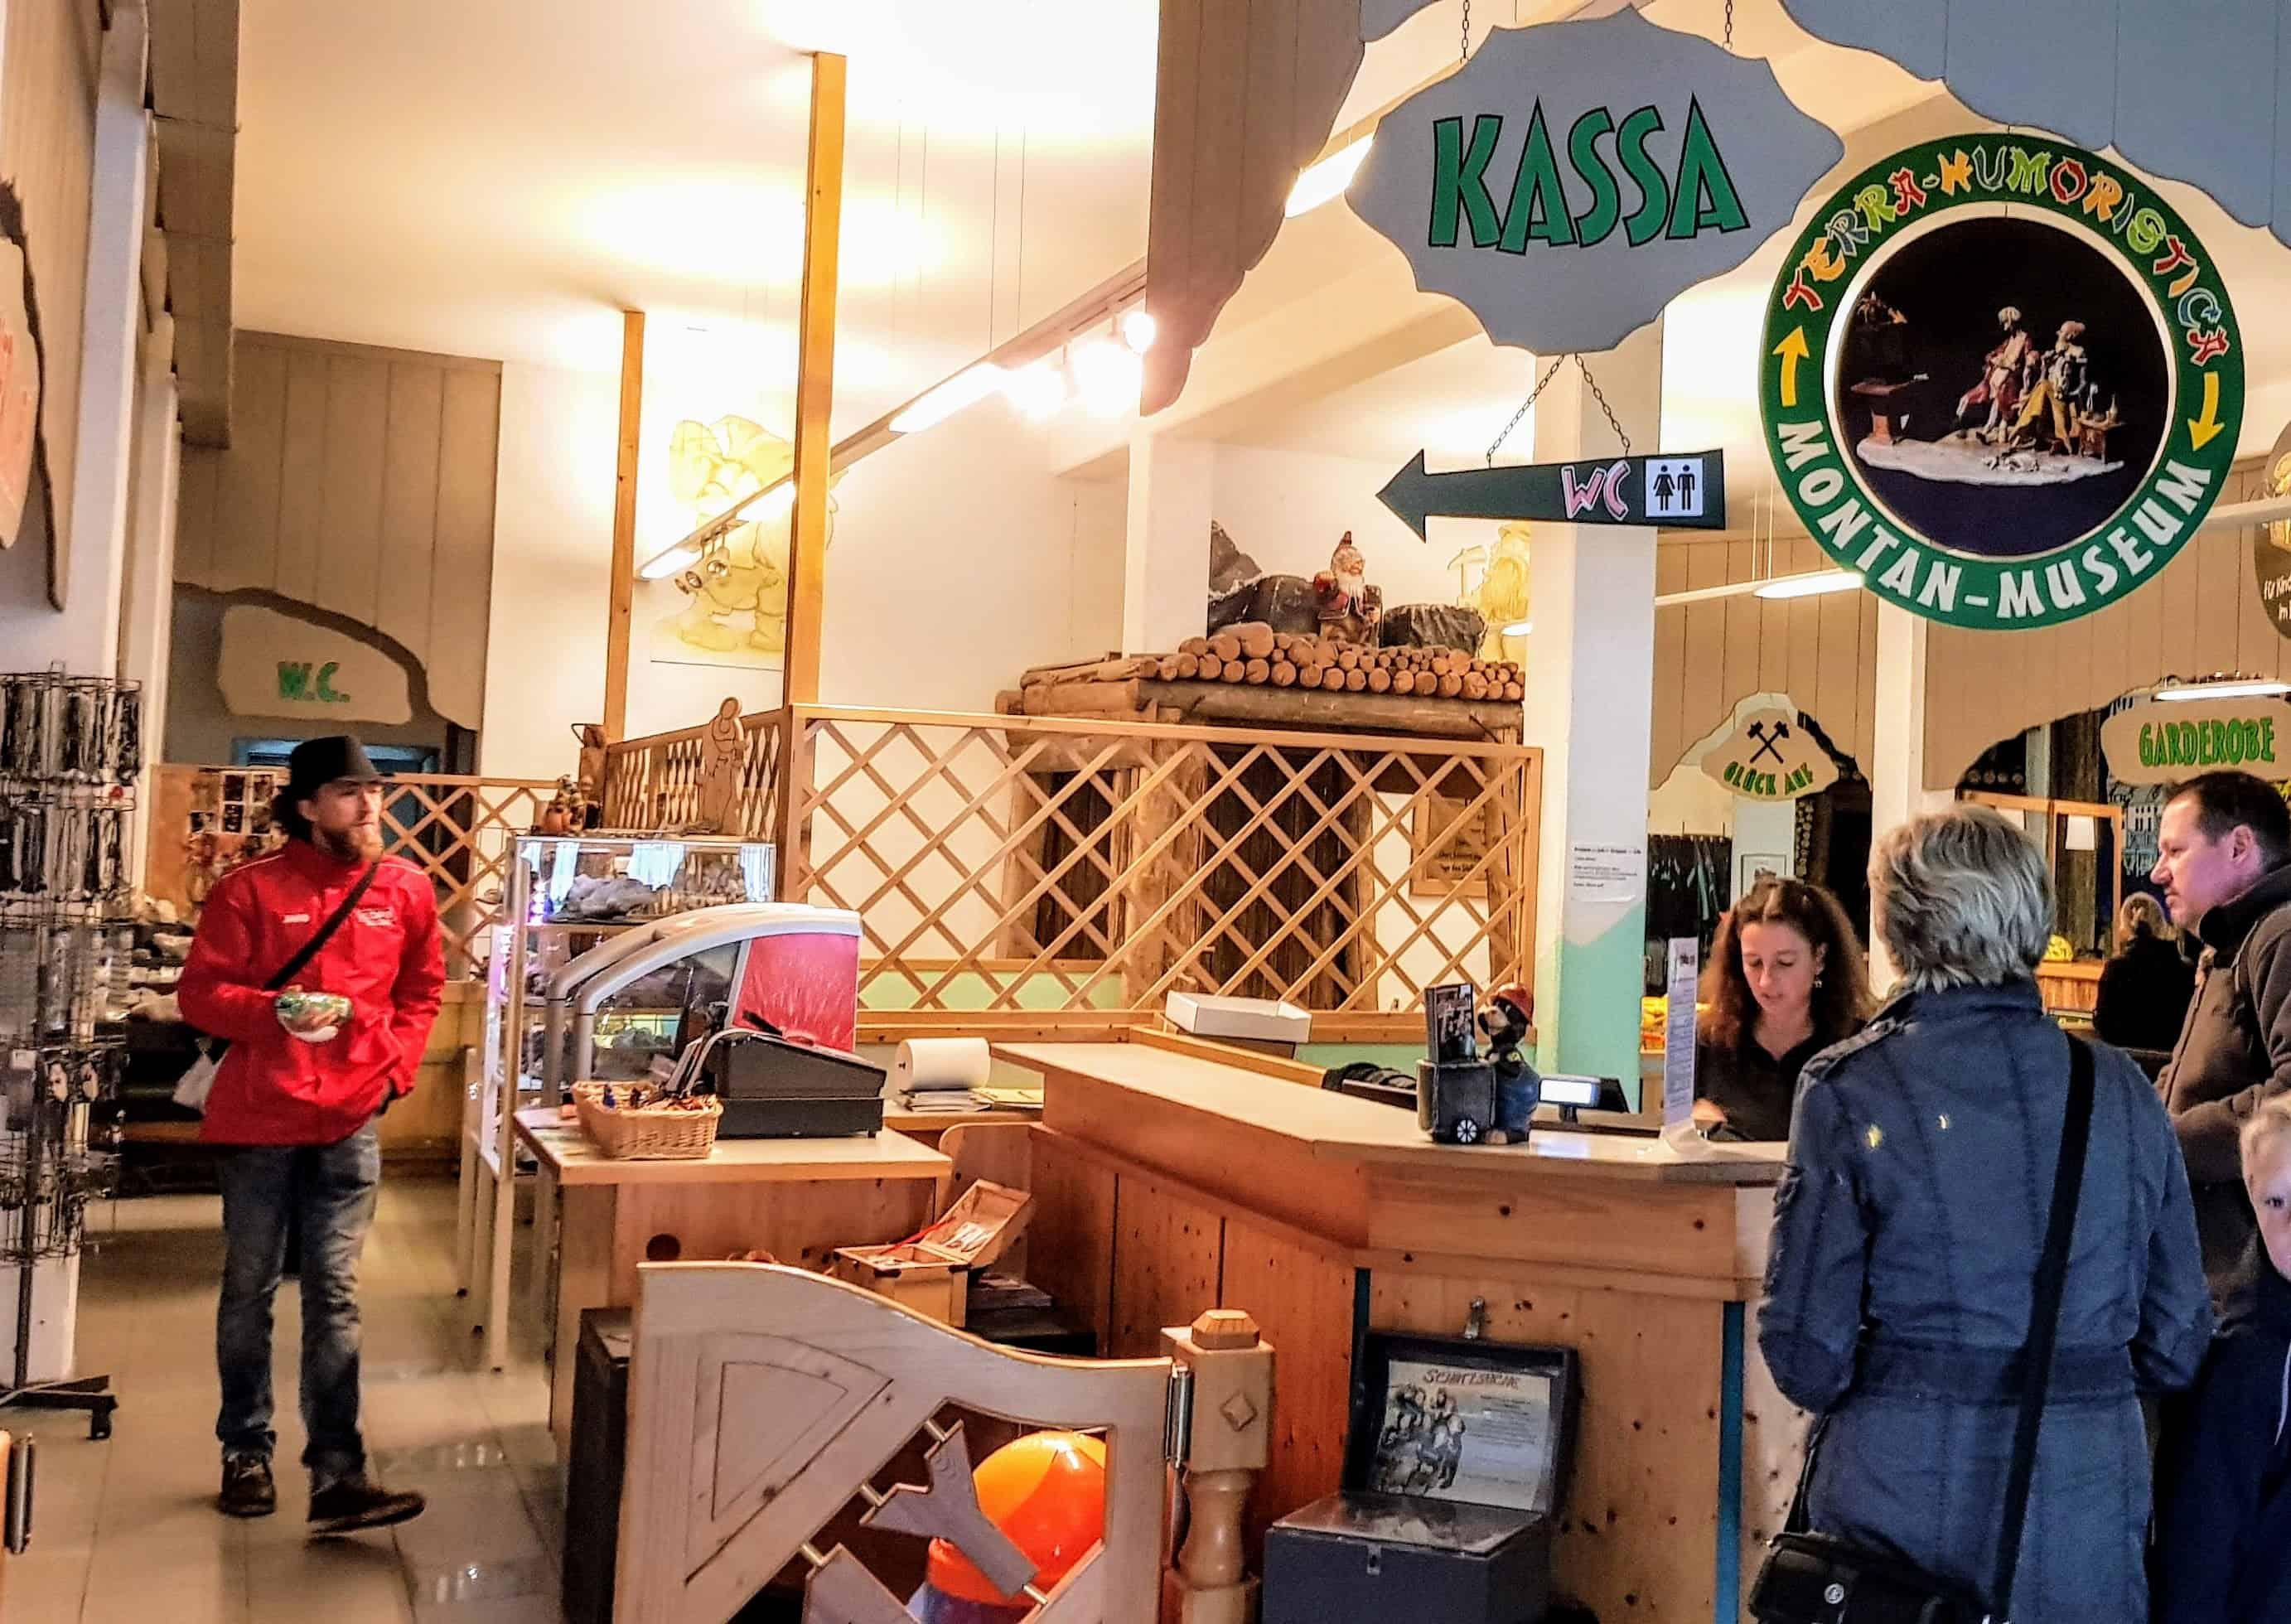 Eingangsbereich mit Kassa bei Schaubergwerke Terra Mystica Montana in Kärnten